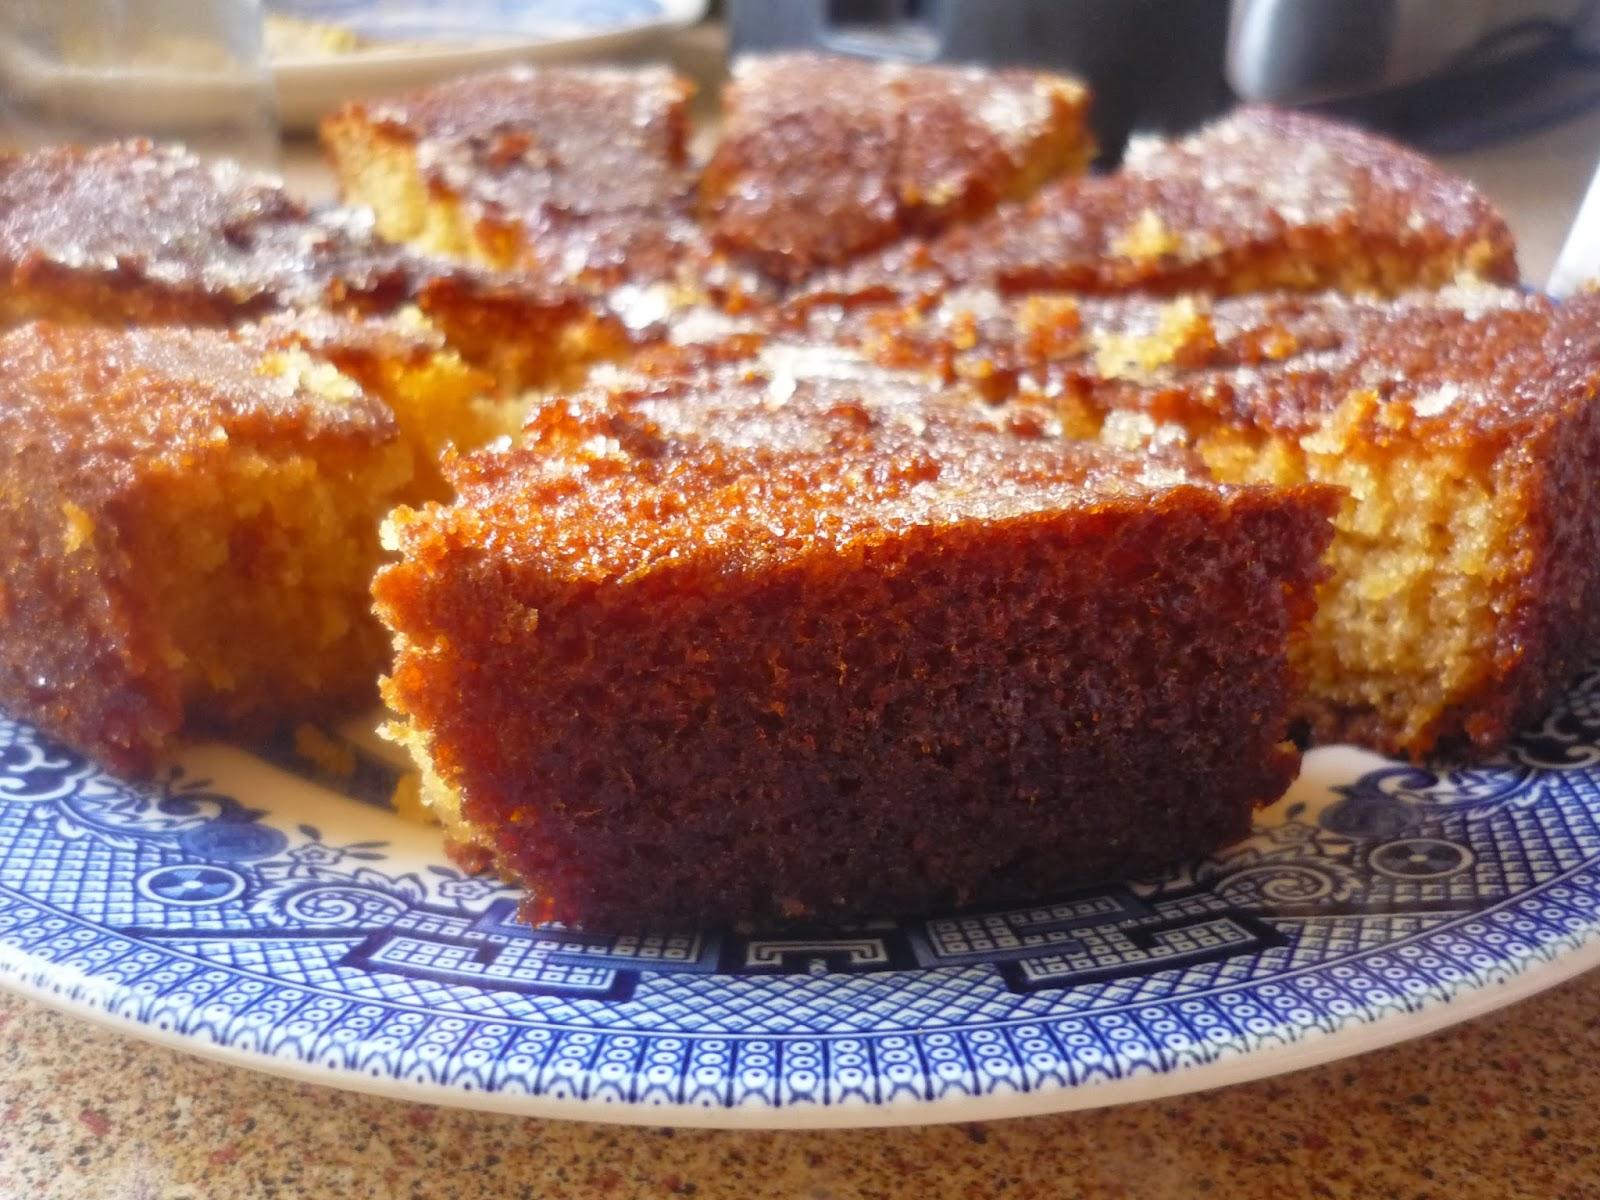 Fruit Cake With Orange Marmalade